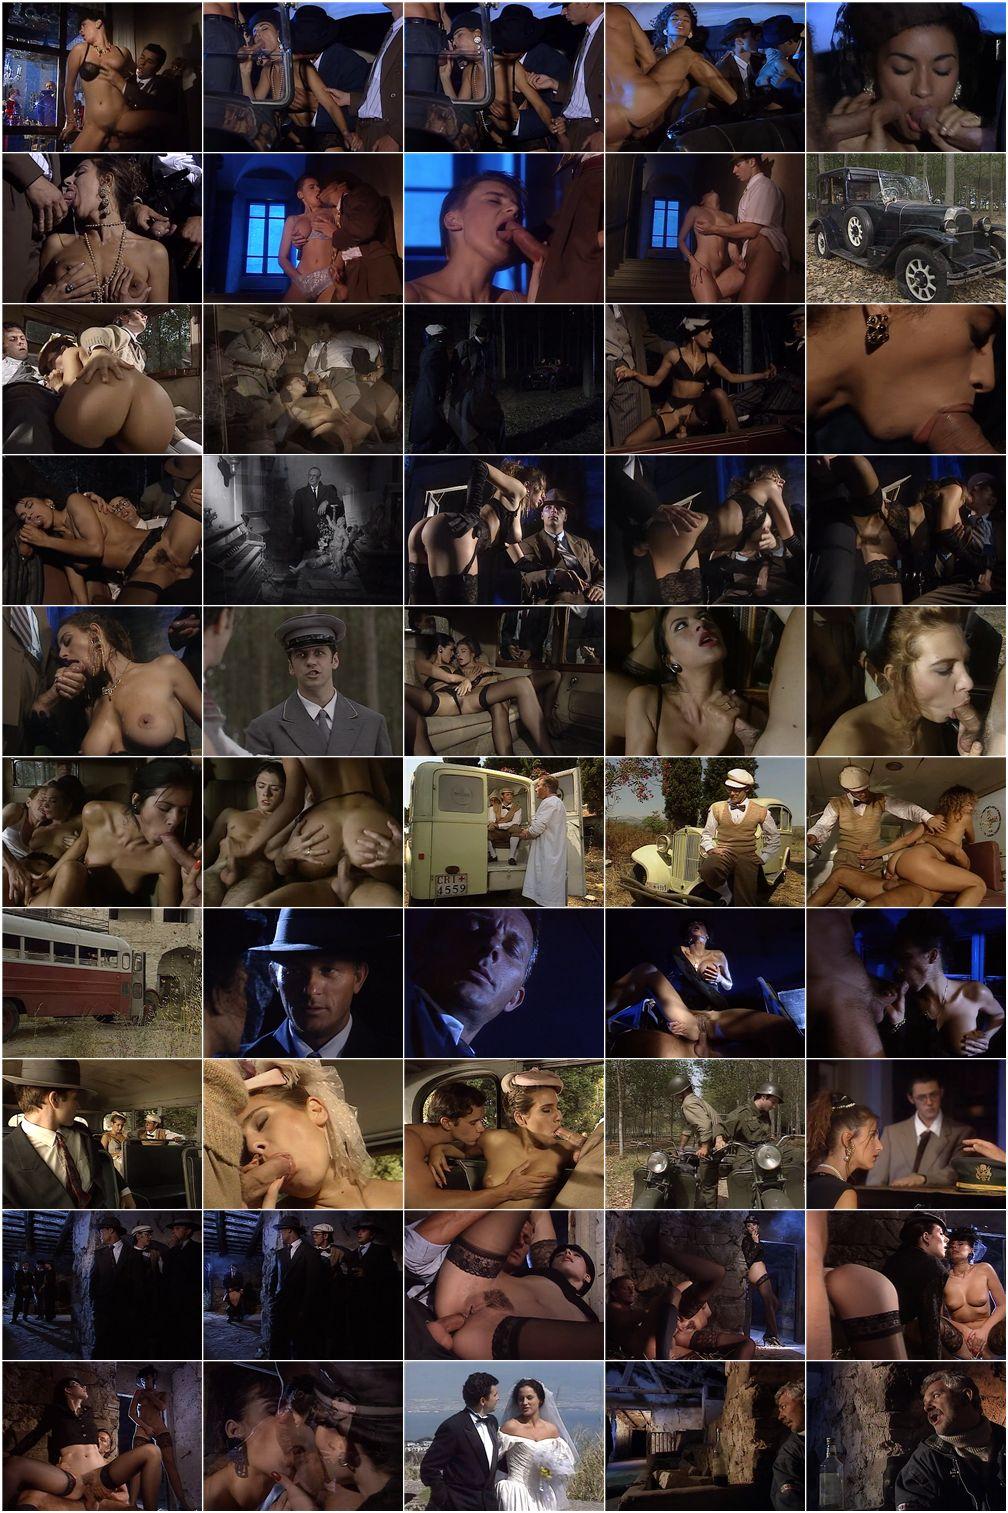 porno-italii-na-russkom-yazike